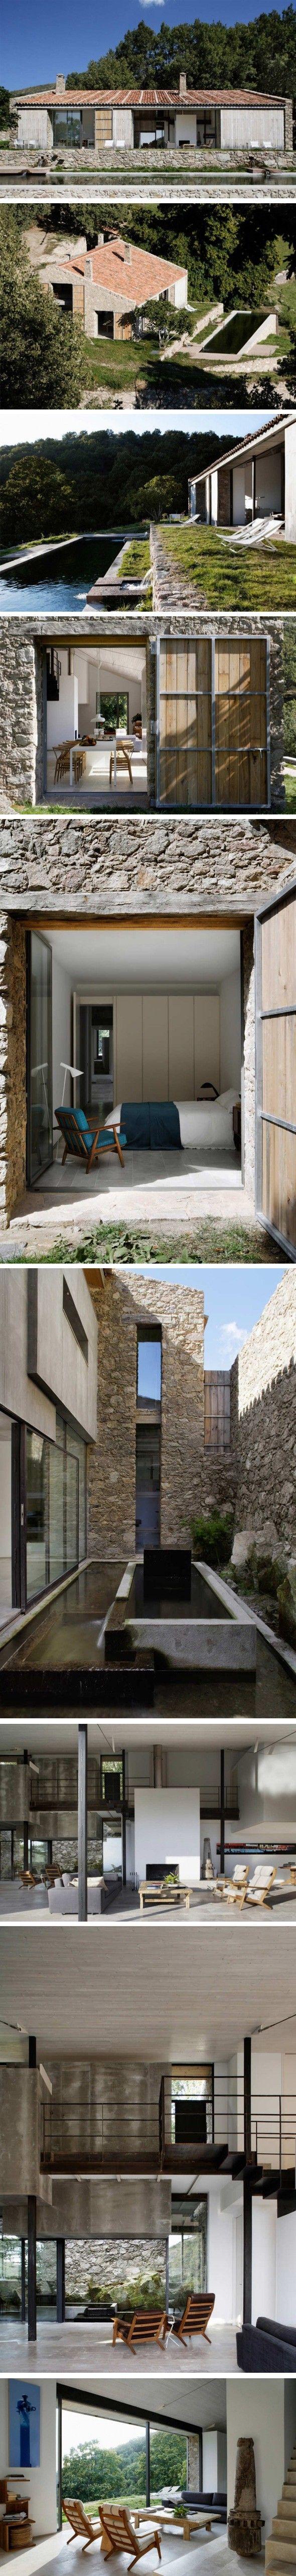 Estate in Extremadura par Abaton Architects - Journal du Design